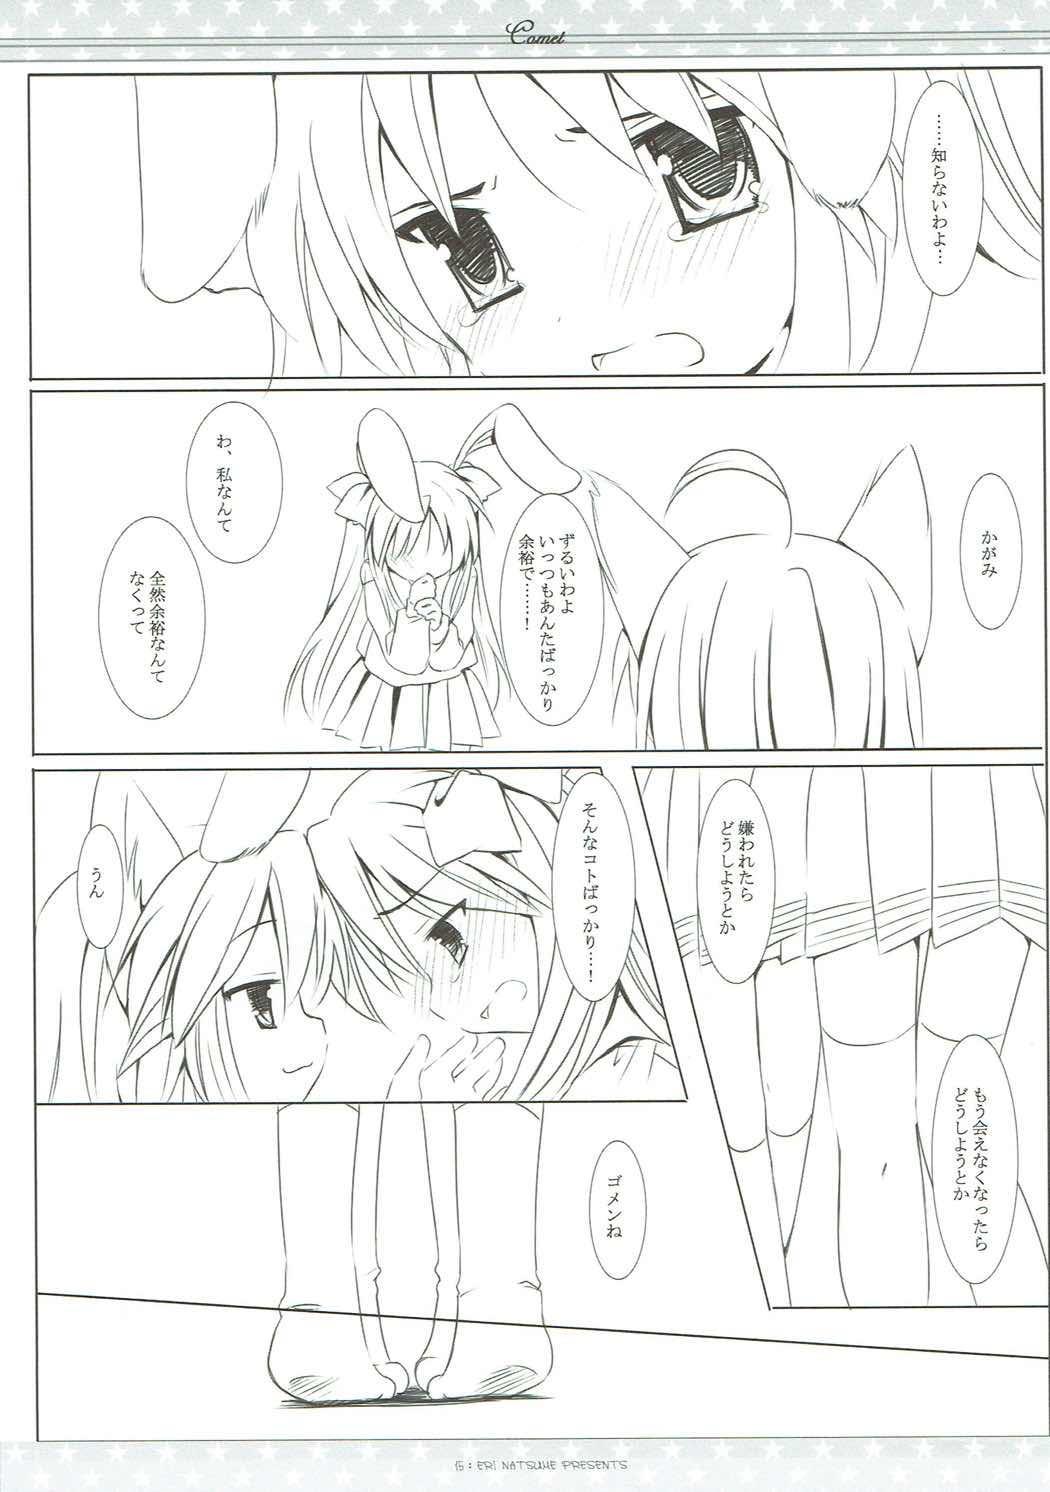 Suisei 13